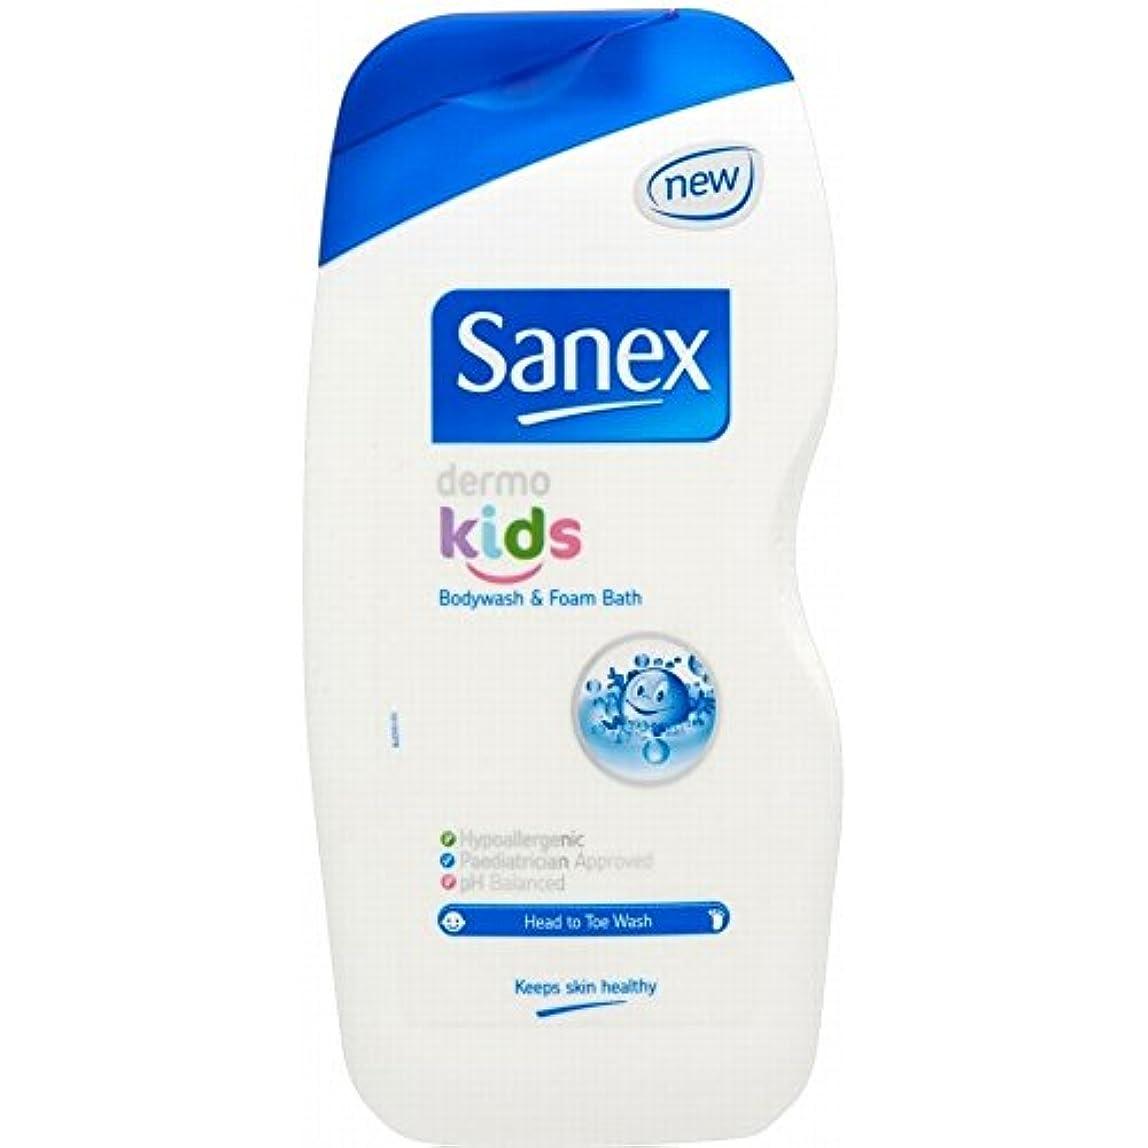 服を片付けるお金ヒューズSanex Dermo Kids Body Wash & Foam Bath (500ml) Sanex真皮キッズボディウォッシュと泡風呂( 500ミリリットル) [並行輸入品]